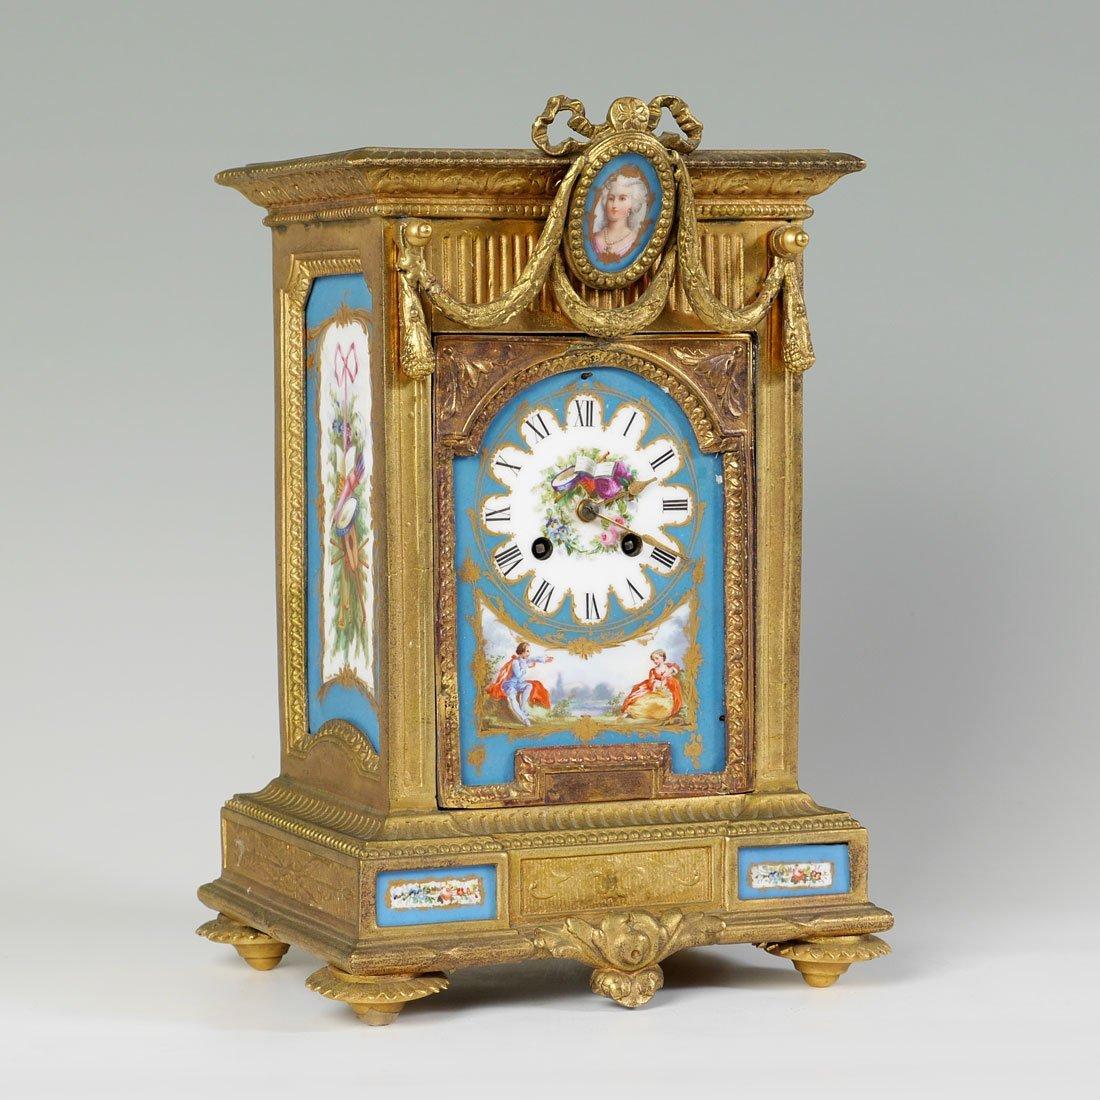 JOHN BENNETT BRONZE DORE & PORCELAIN TILE MANTLE CLOCK